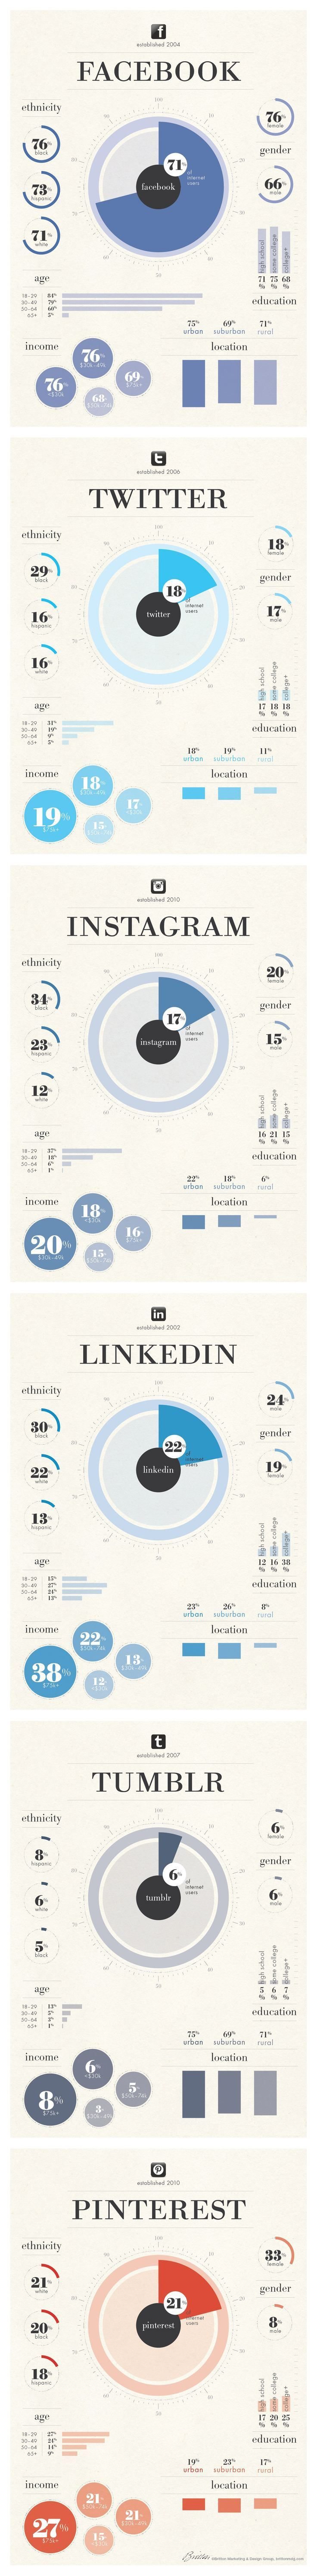 Demografía de las principales Redes Sociales www.rubendelaosa.com